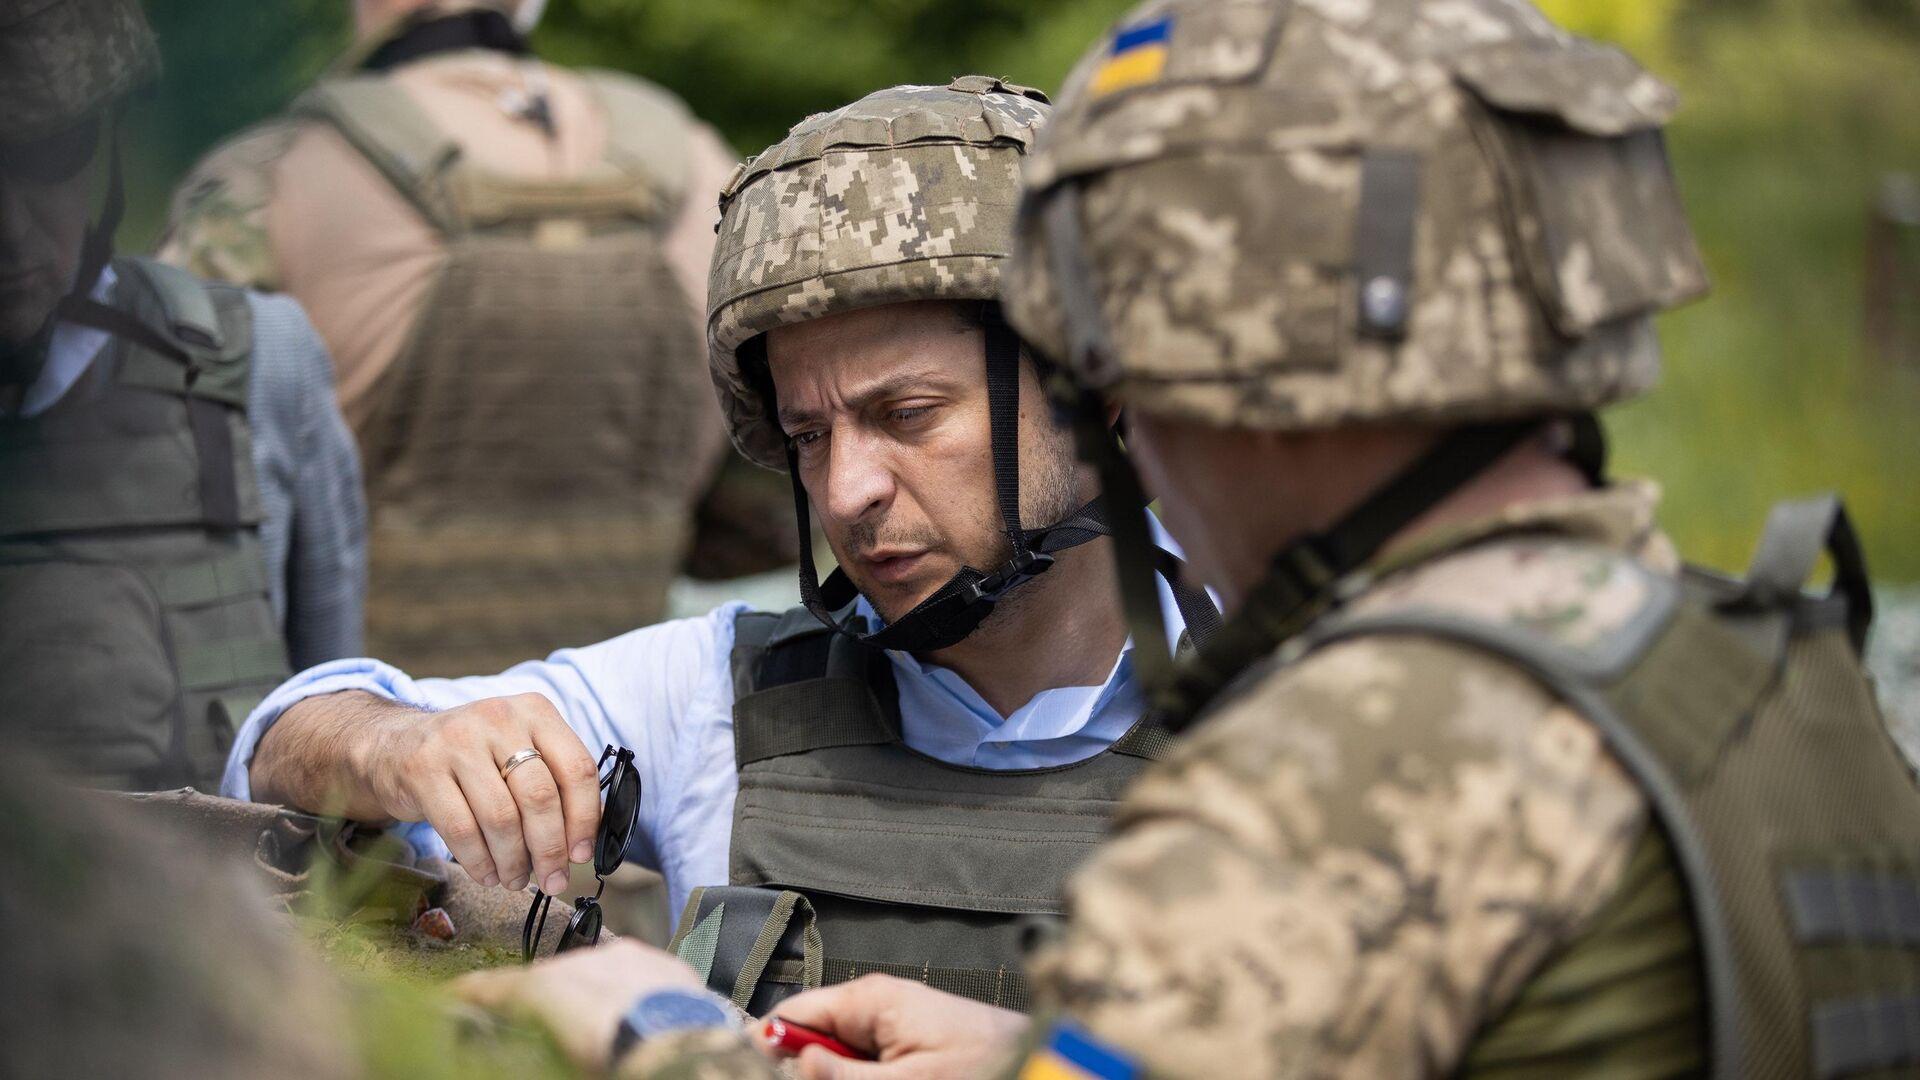 Президент Украины Владимир Зеленский во время визита в Донбасс - РИА Новости, 1920, 07.03.2021